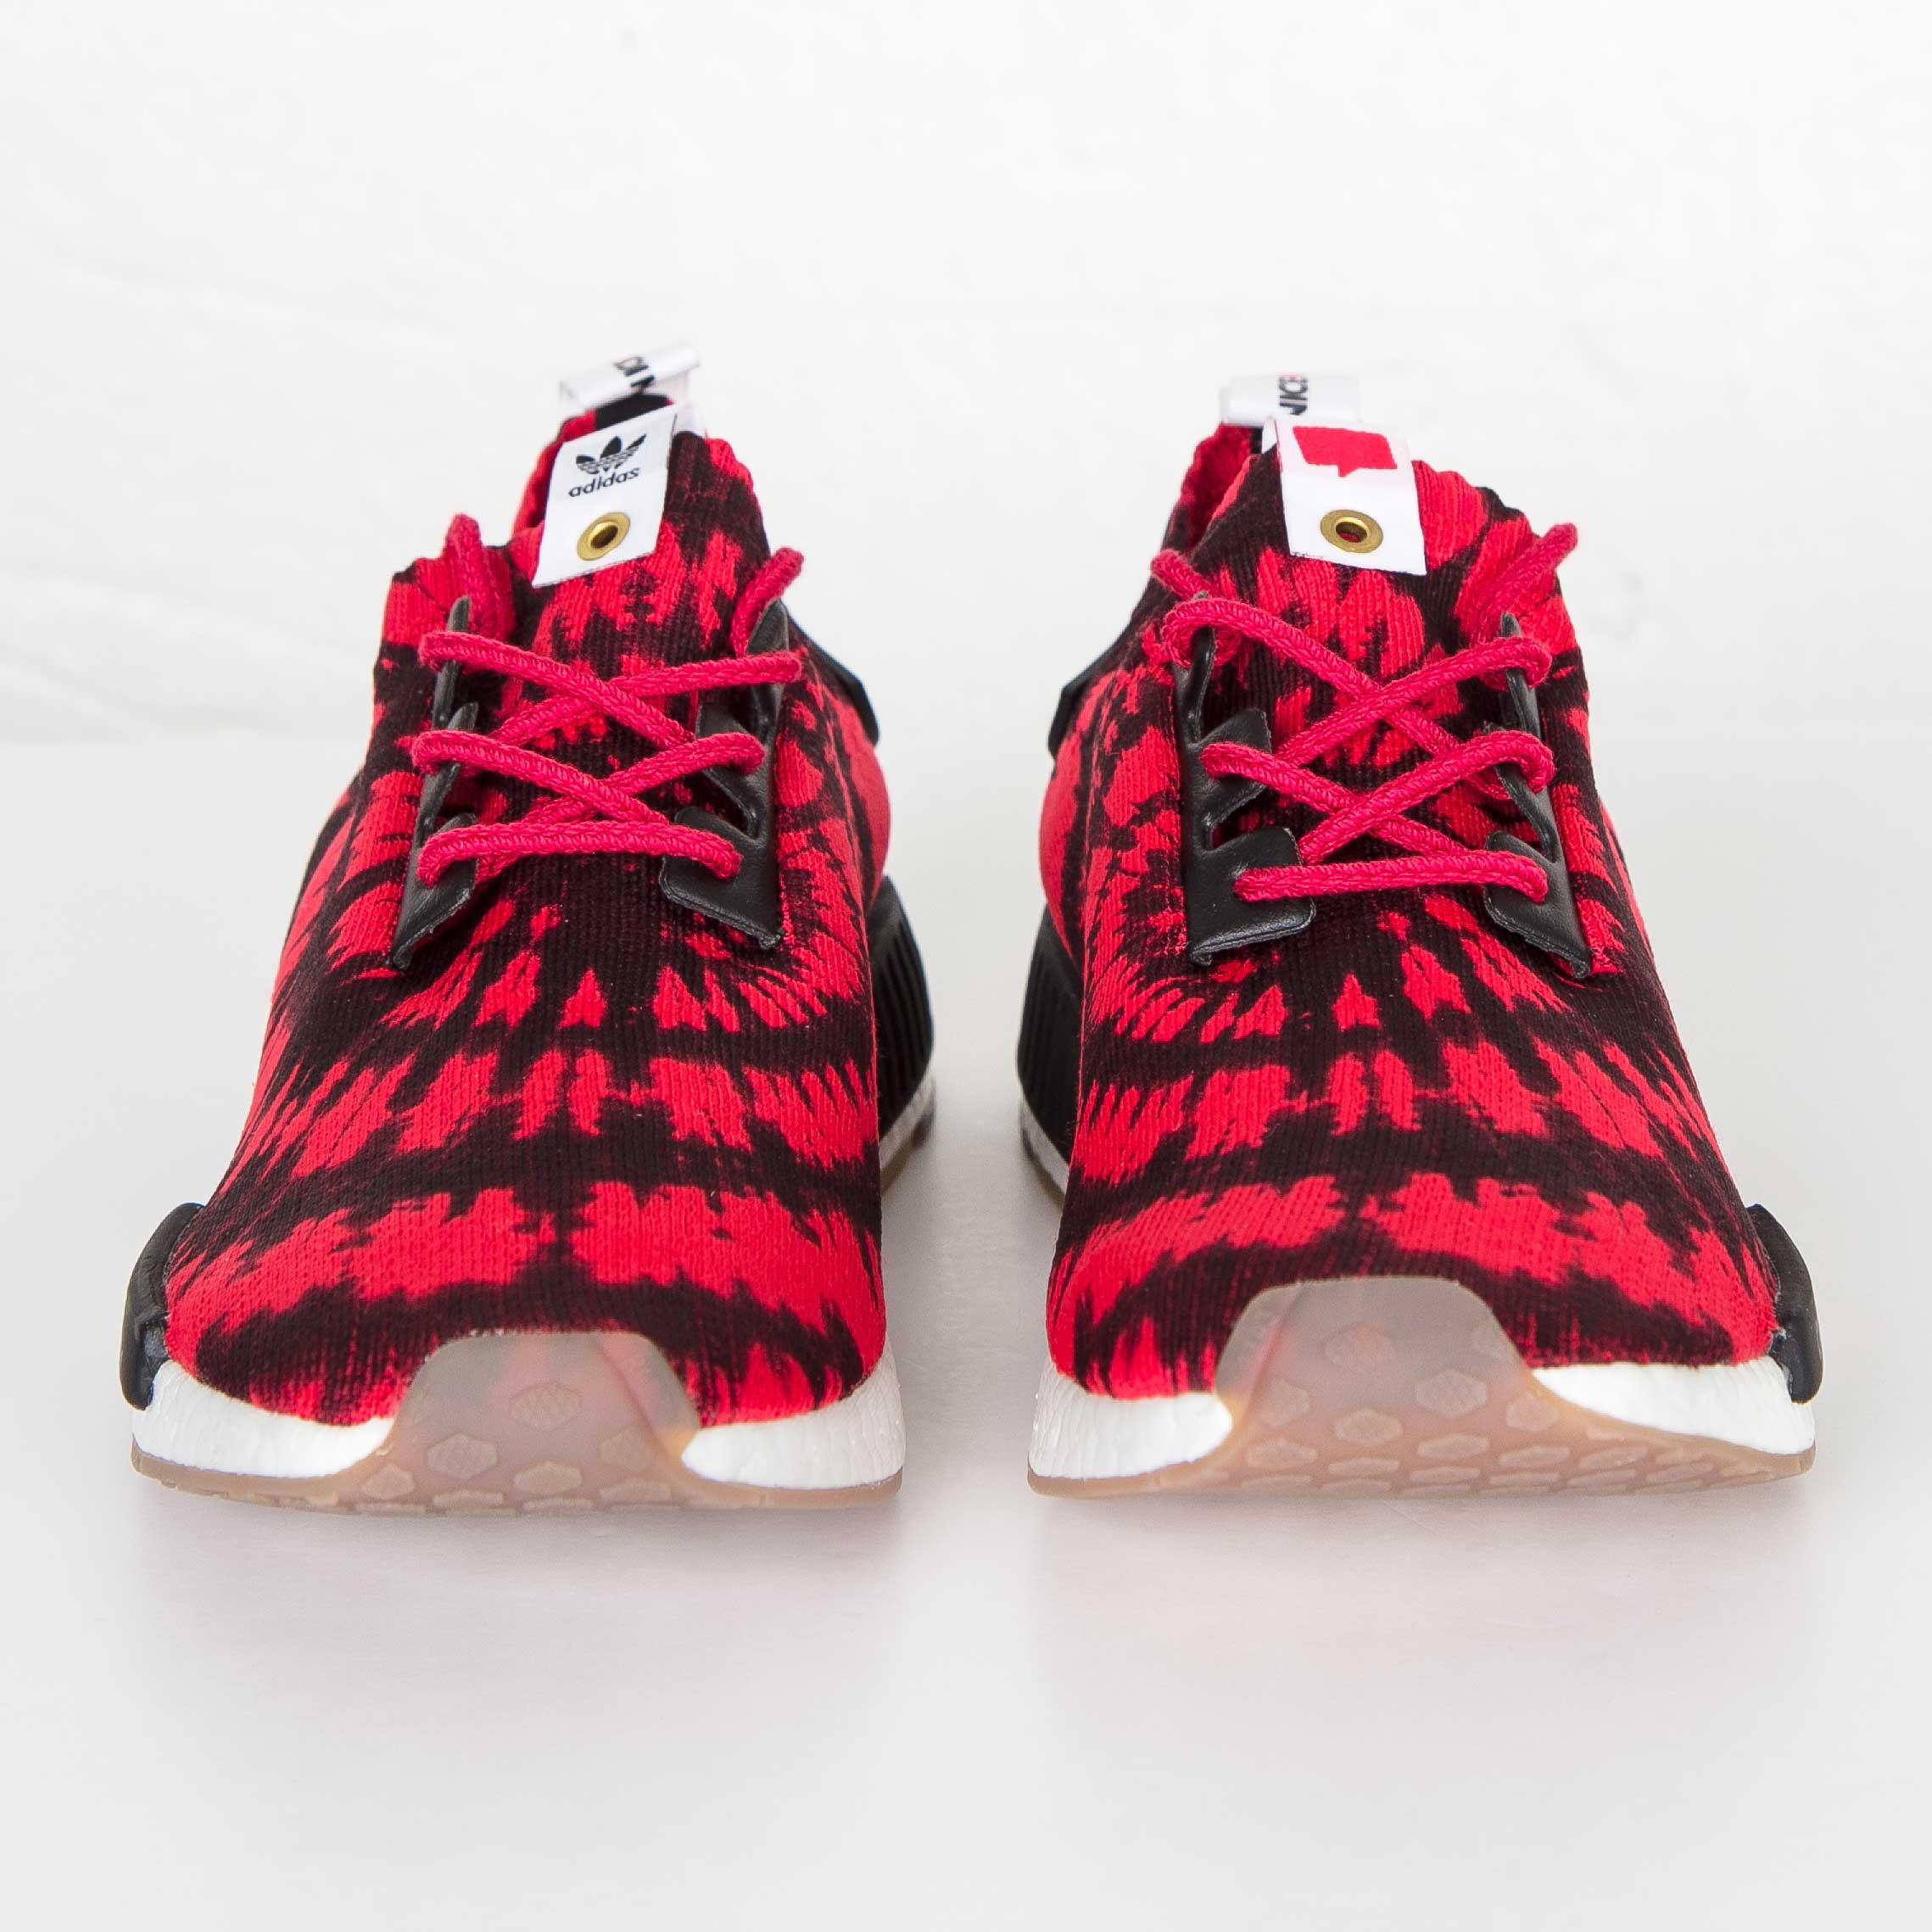 3c966a952db99 adidas NMD R1 PK x Nice Kicks - Aq4791 - Sneakersnstuff